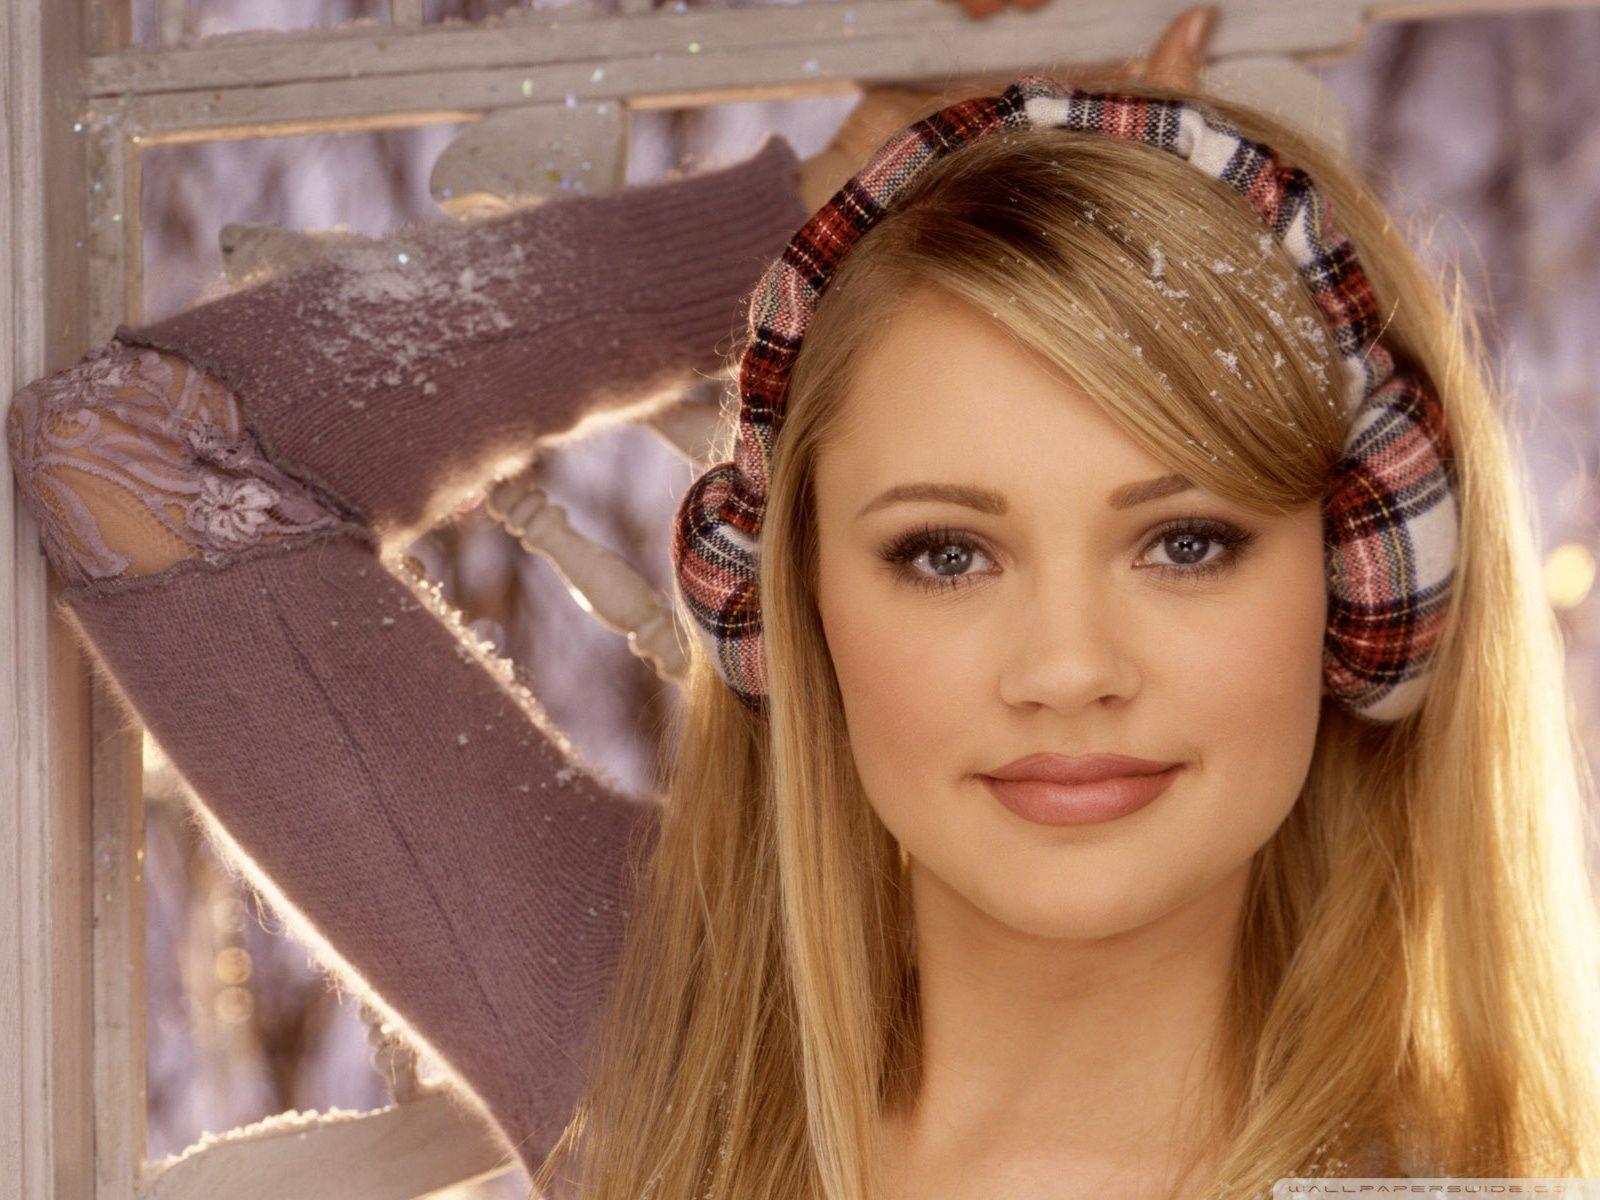 Wallpaper download hd girl - Beautiful Girl Hd Wallpapers P